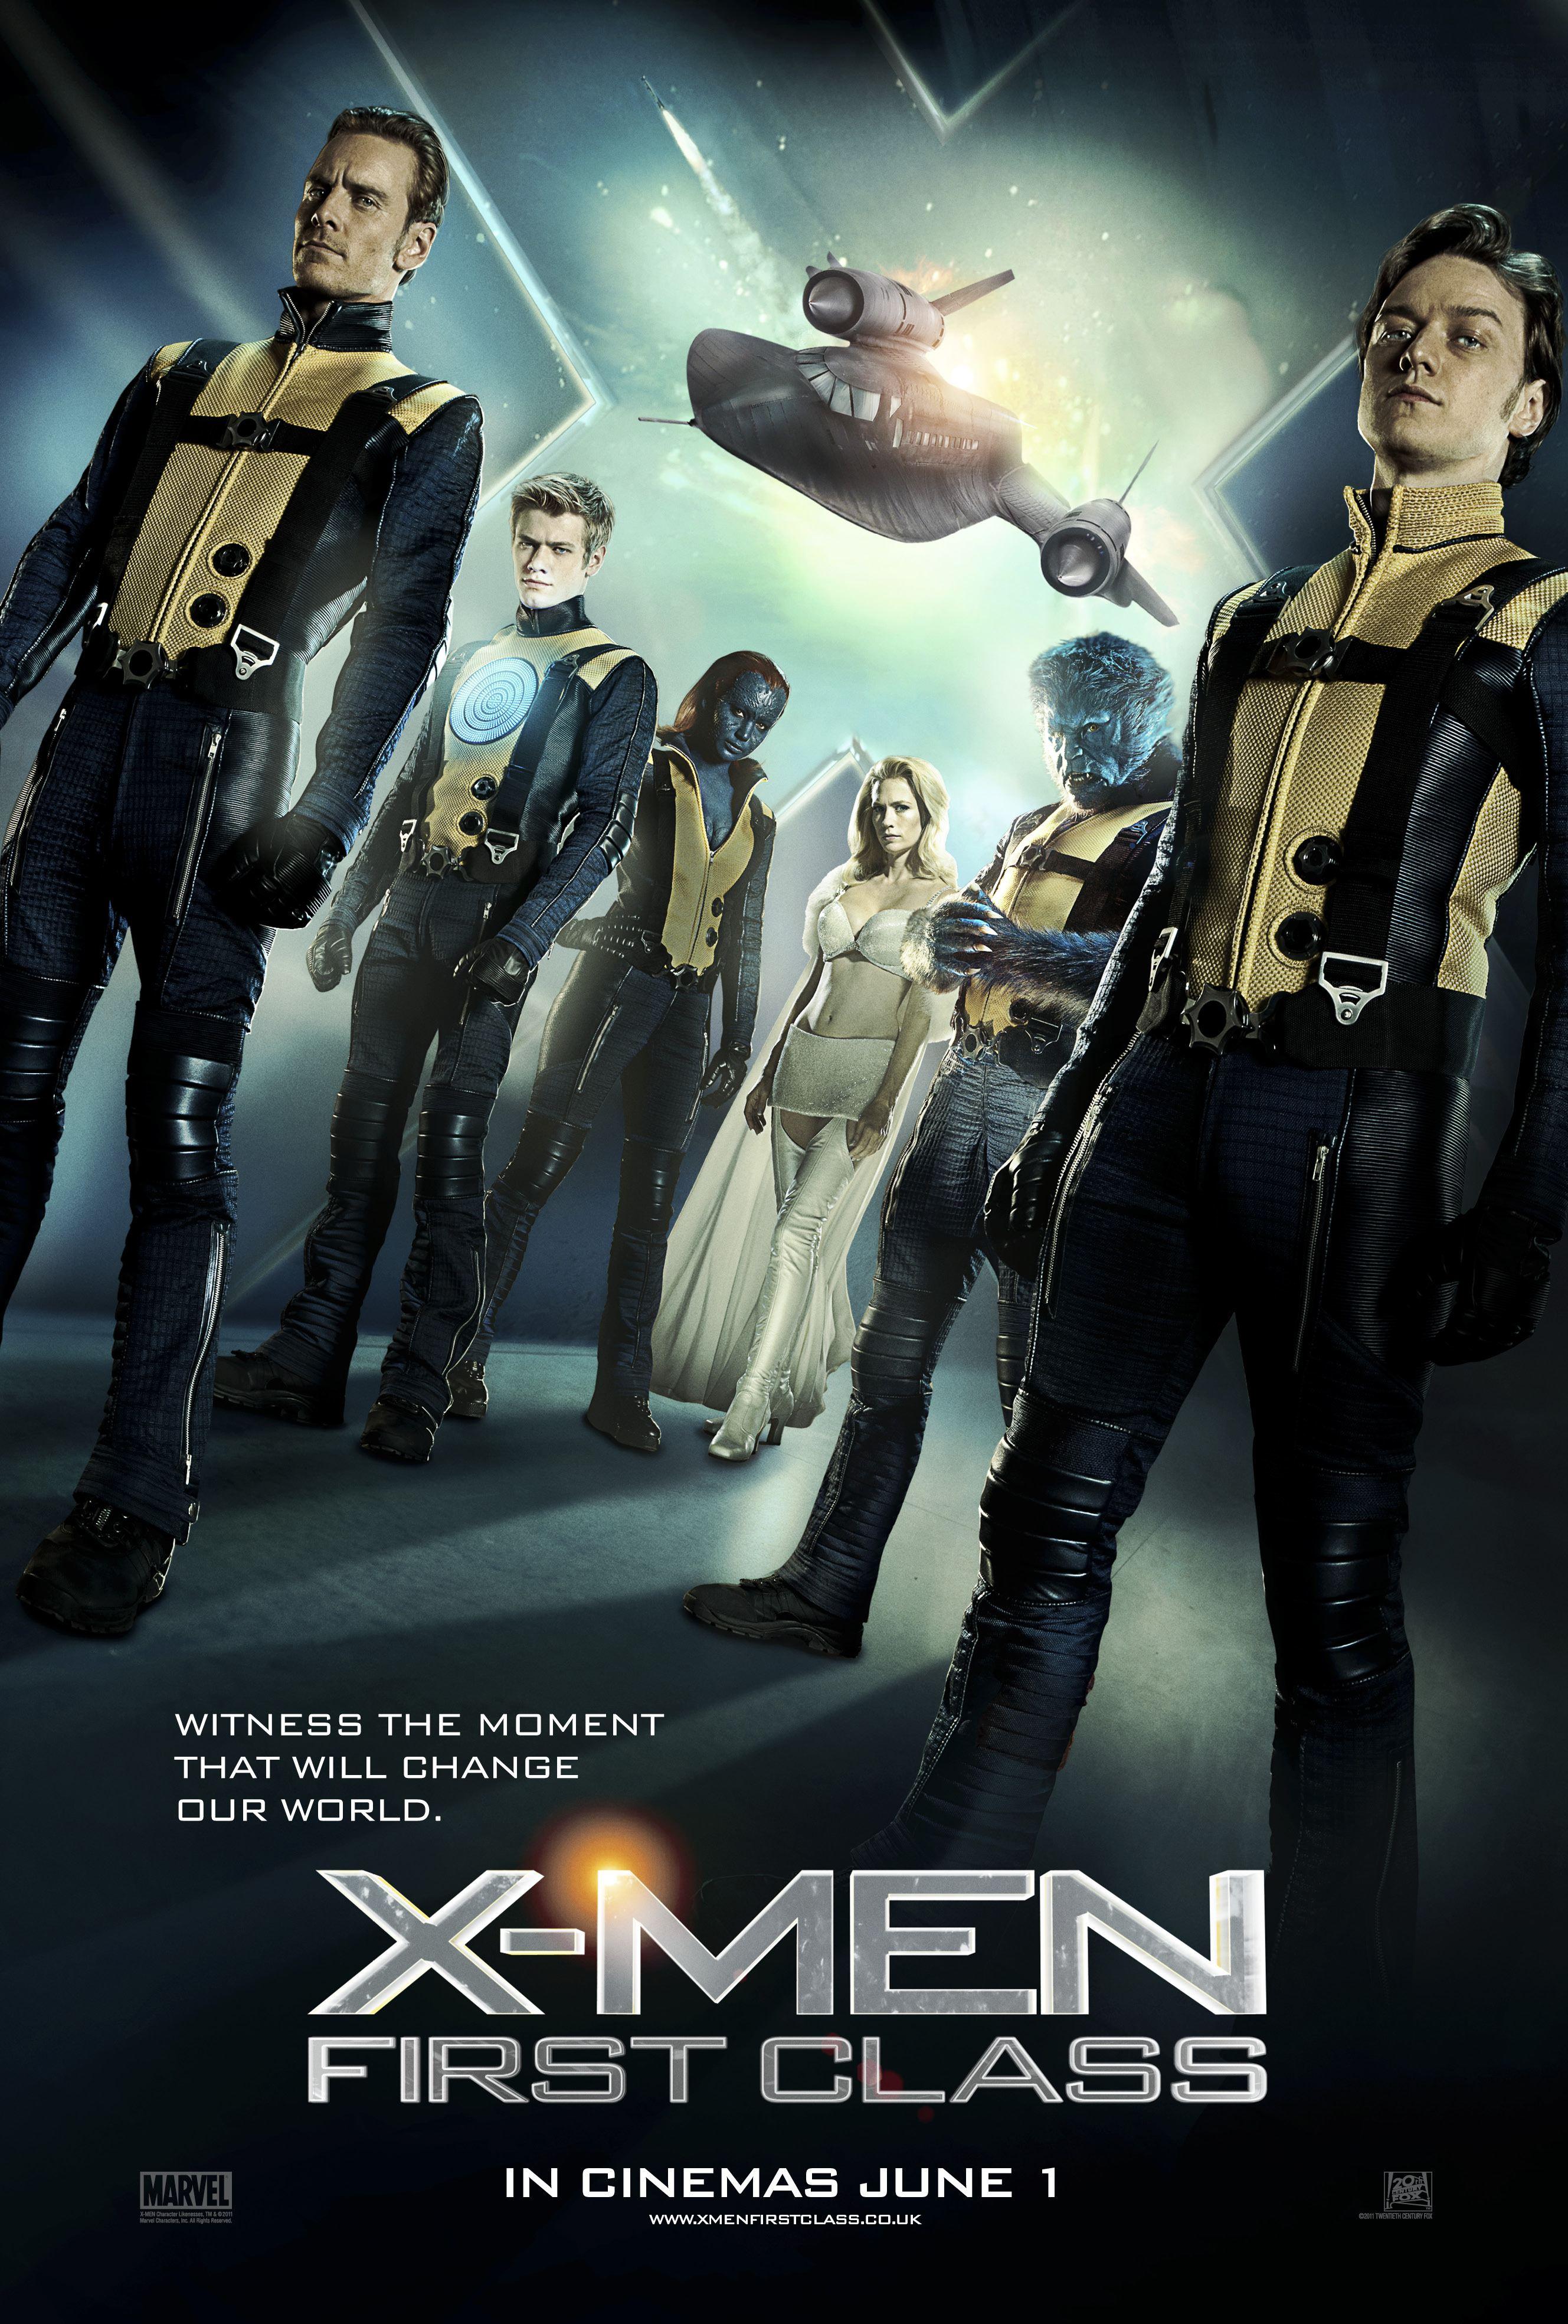 دانلود فیلم X-Men First Class 2011 مردان ایکس بهترین ها با دوبله فارسی و کیفیت عالی